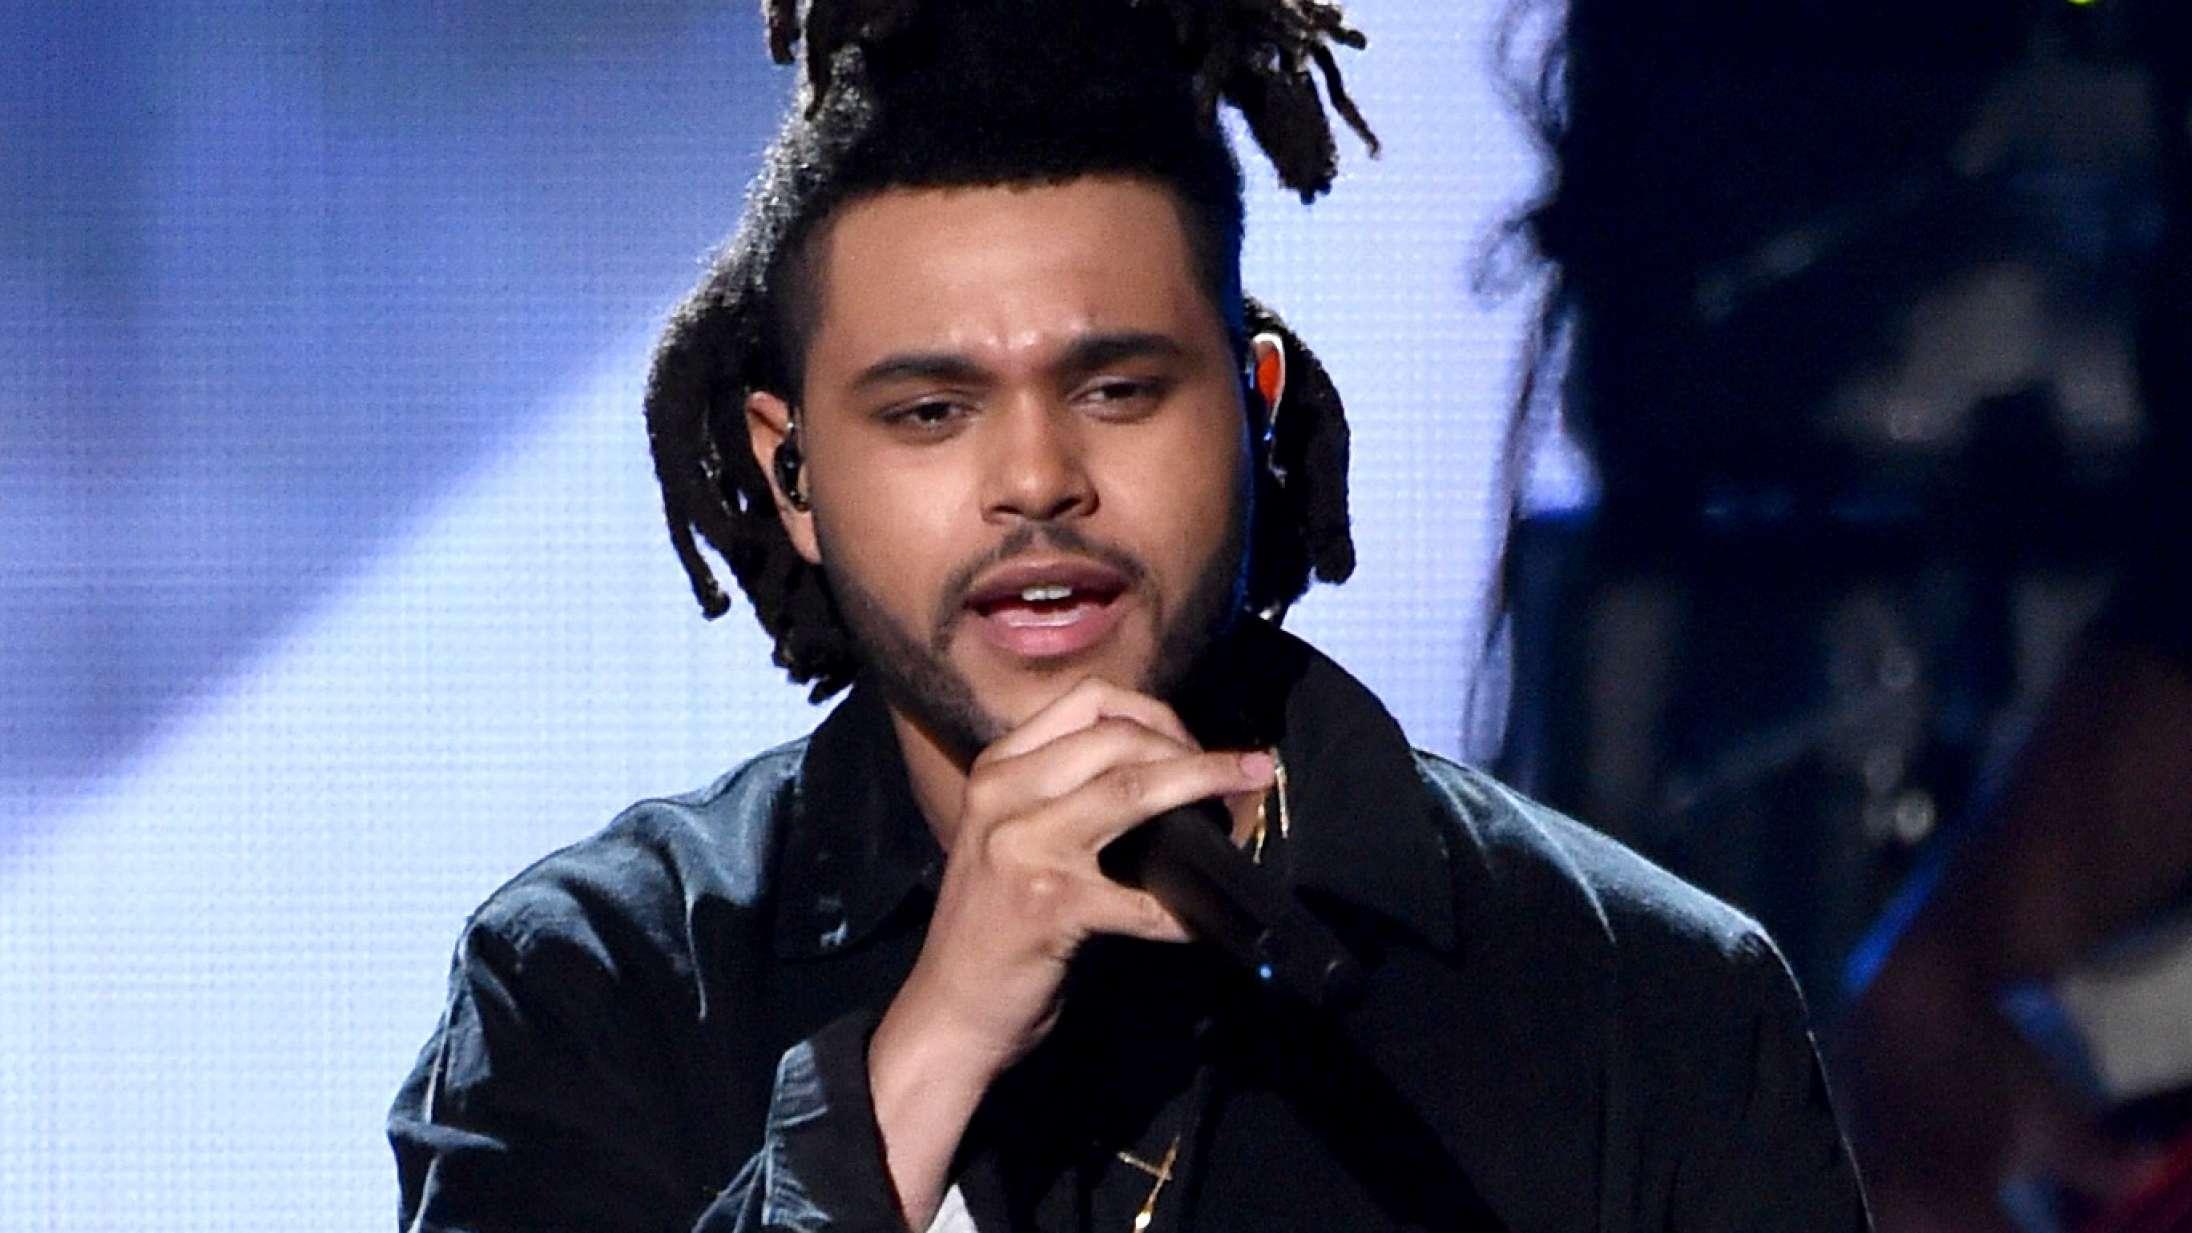 For 10 år siden ankom The Weeknd som en følelseskold og cokesniffende antitese til Frank Ocean